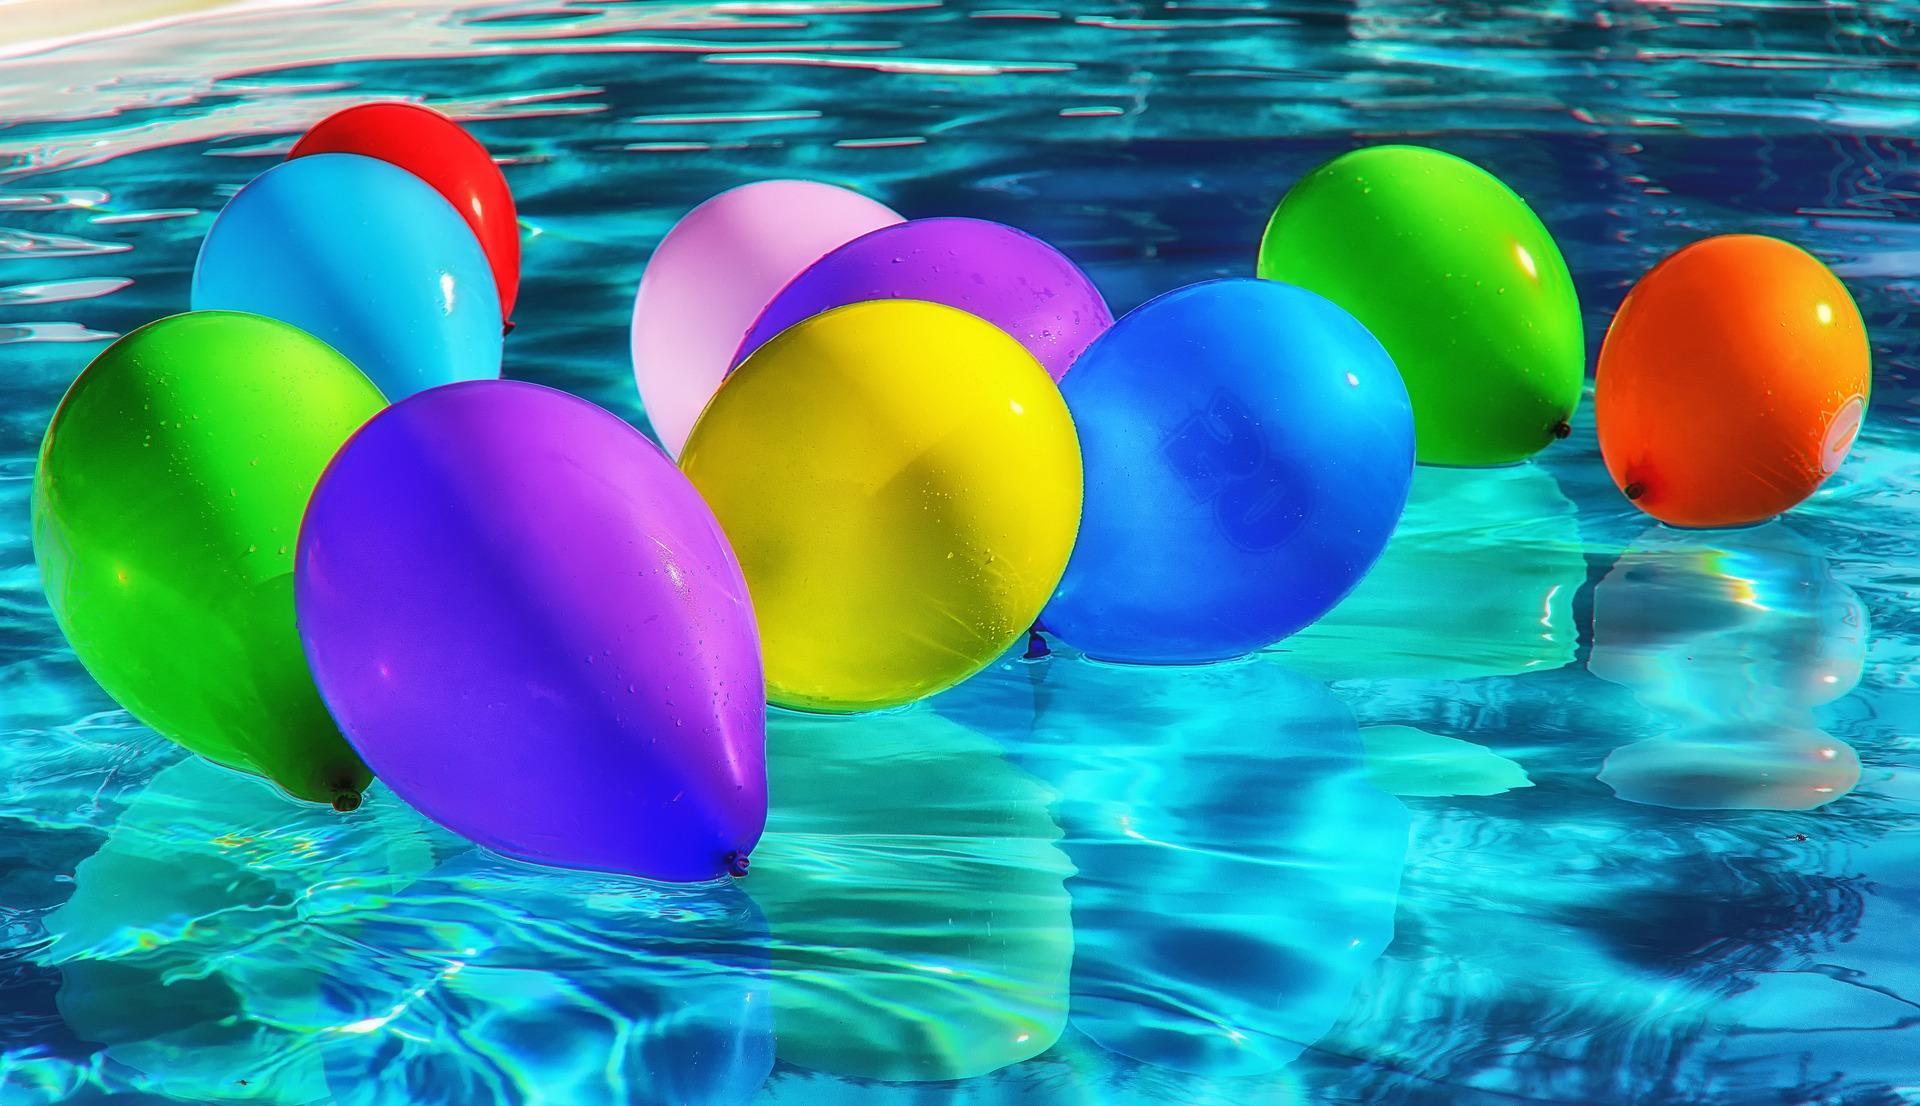 balloons-1761634_1920